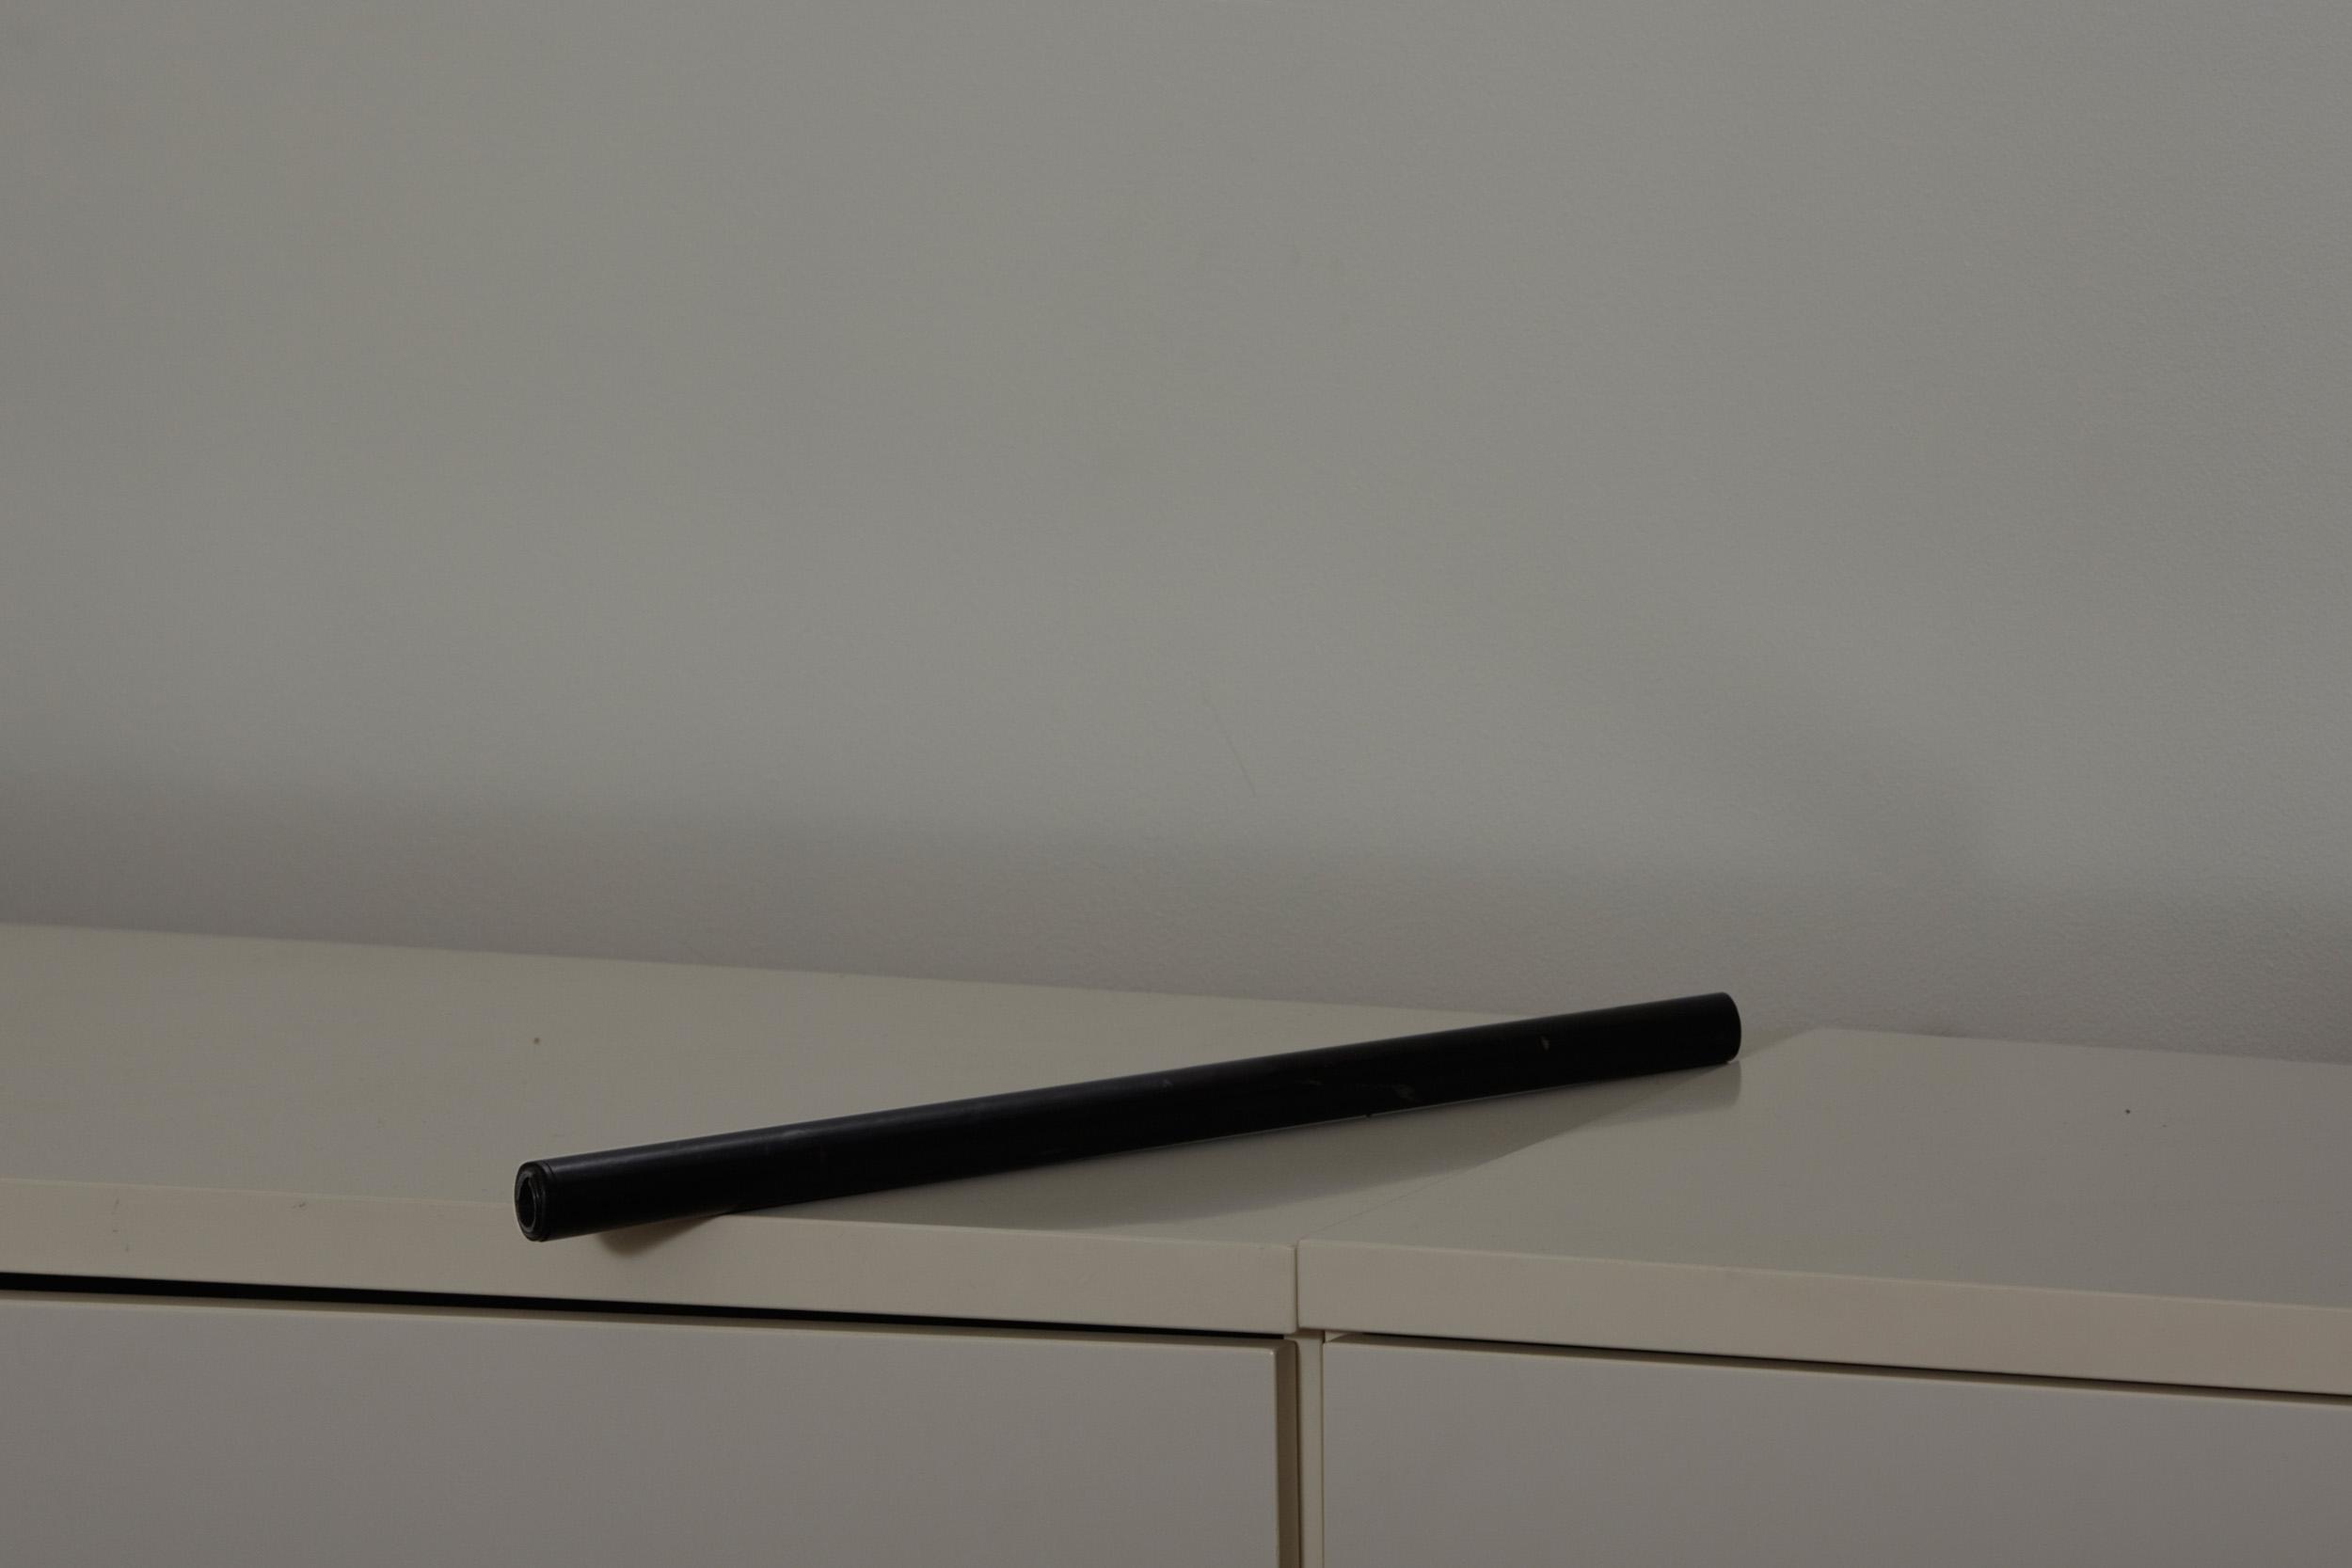 blunt object.jpg